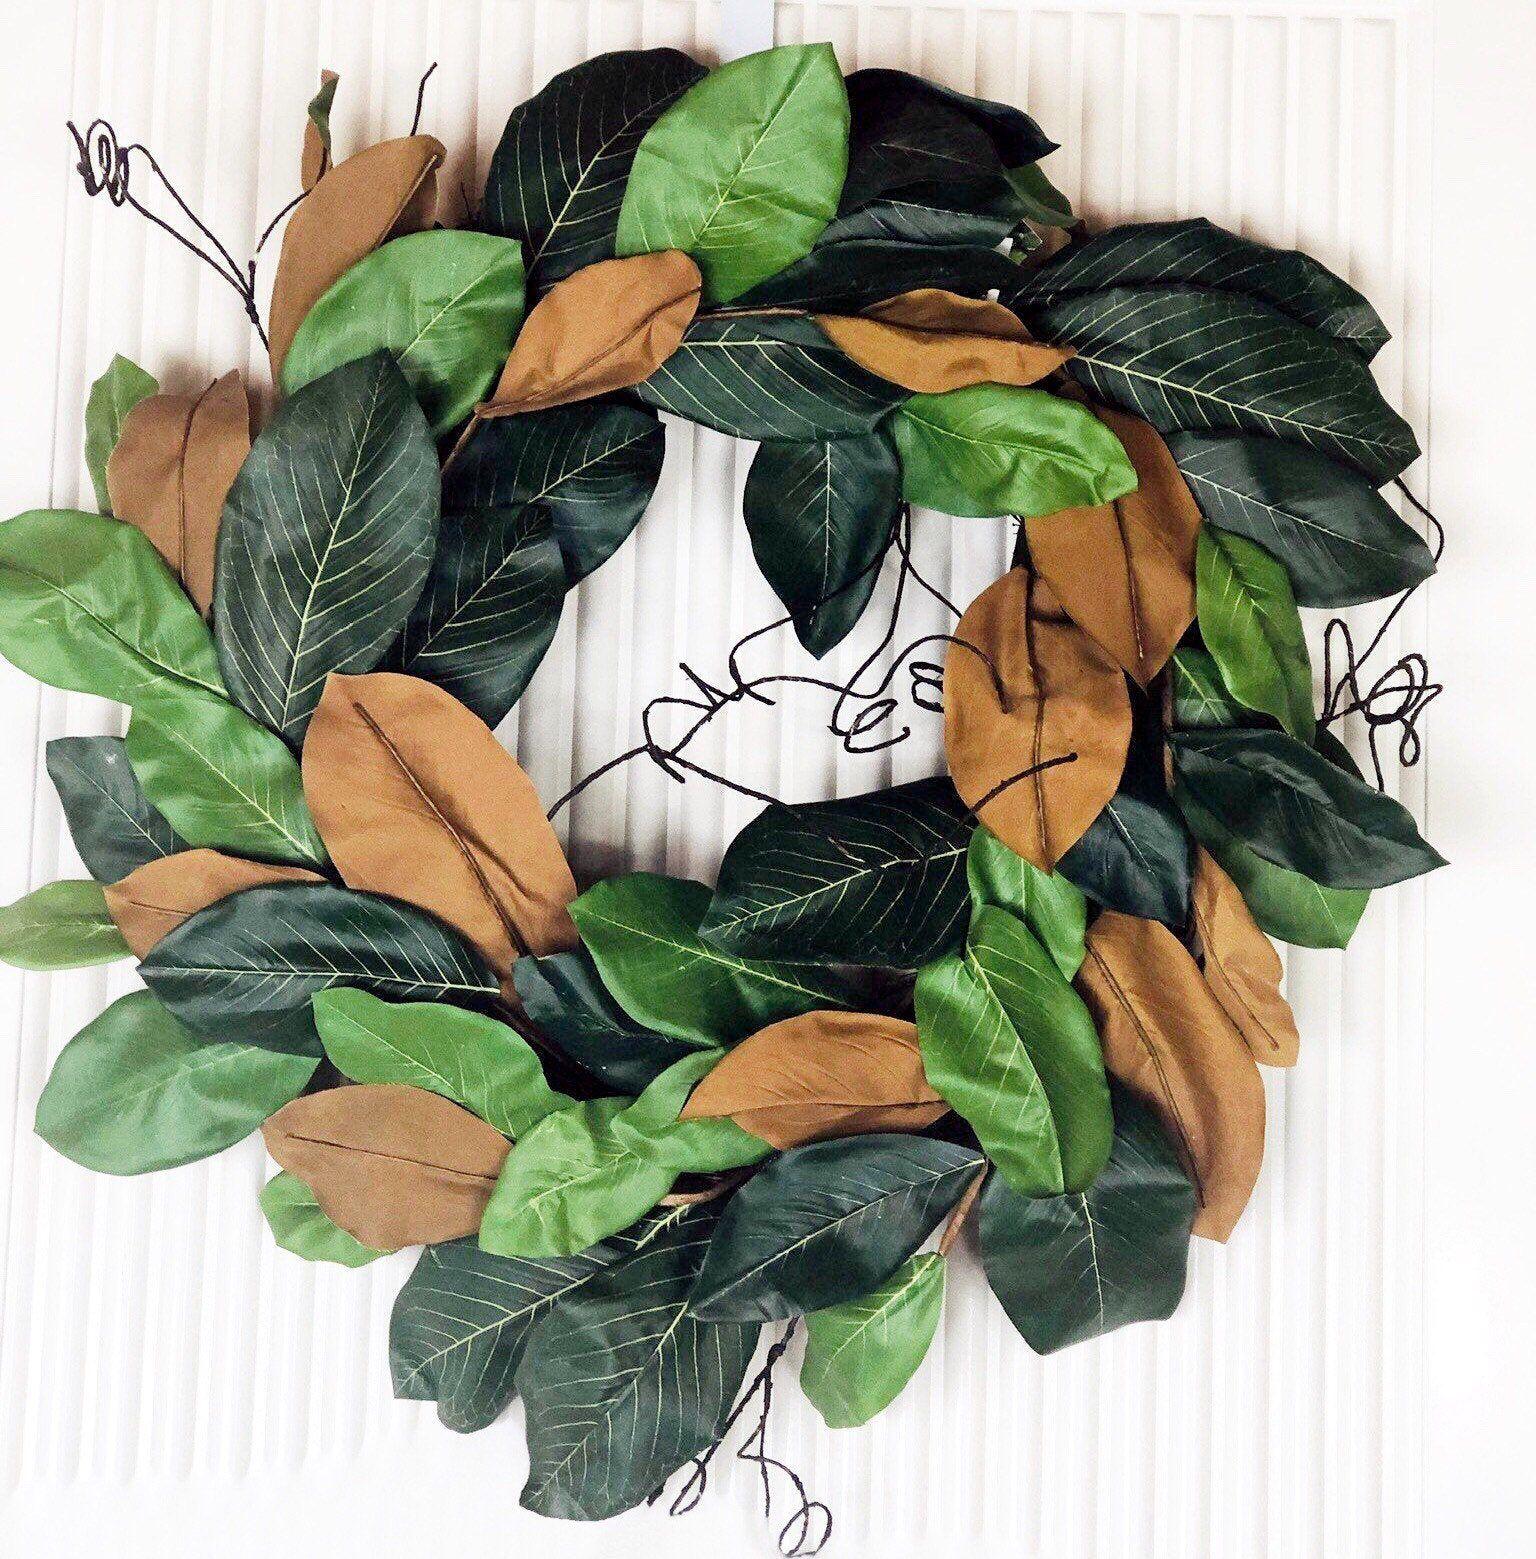 Photo of Haustürkränze, realistischer Magnolienkranz, Magnolienblattkranz, volle Magnolienkränze, ganzjährige Magnolienkränze, Magnolienkränze